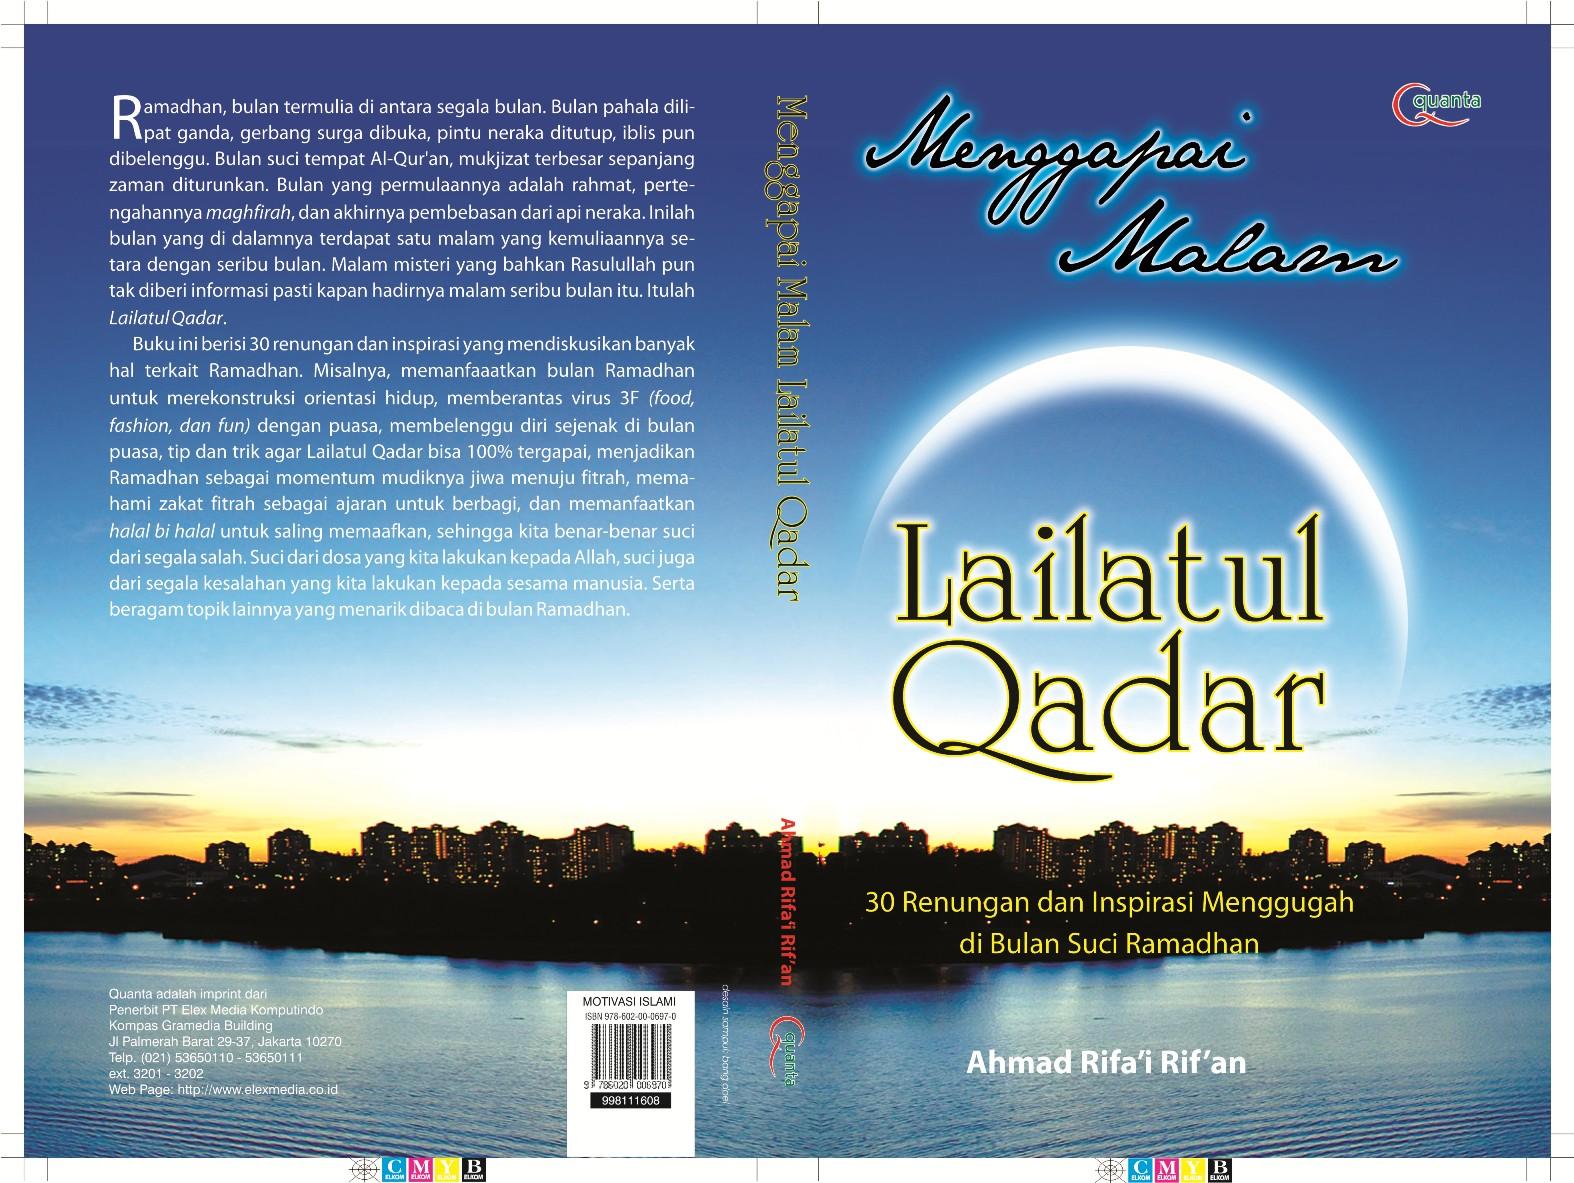 22 Lailatul Qadar Images Kata Mutiara Terbaru